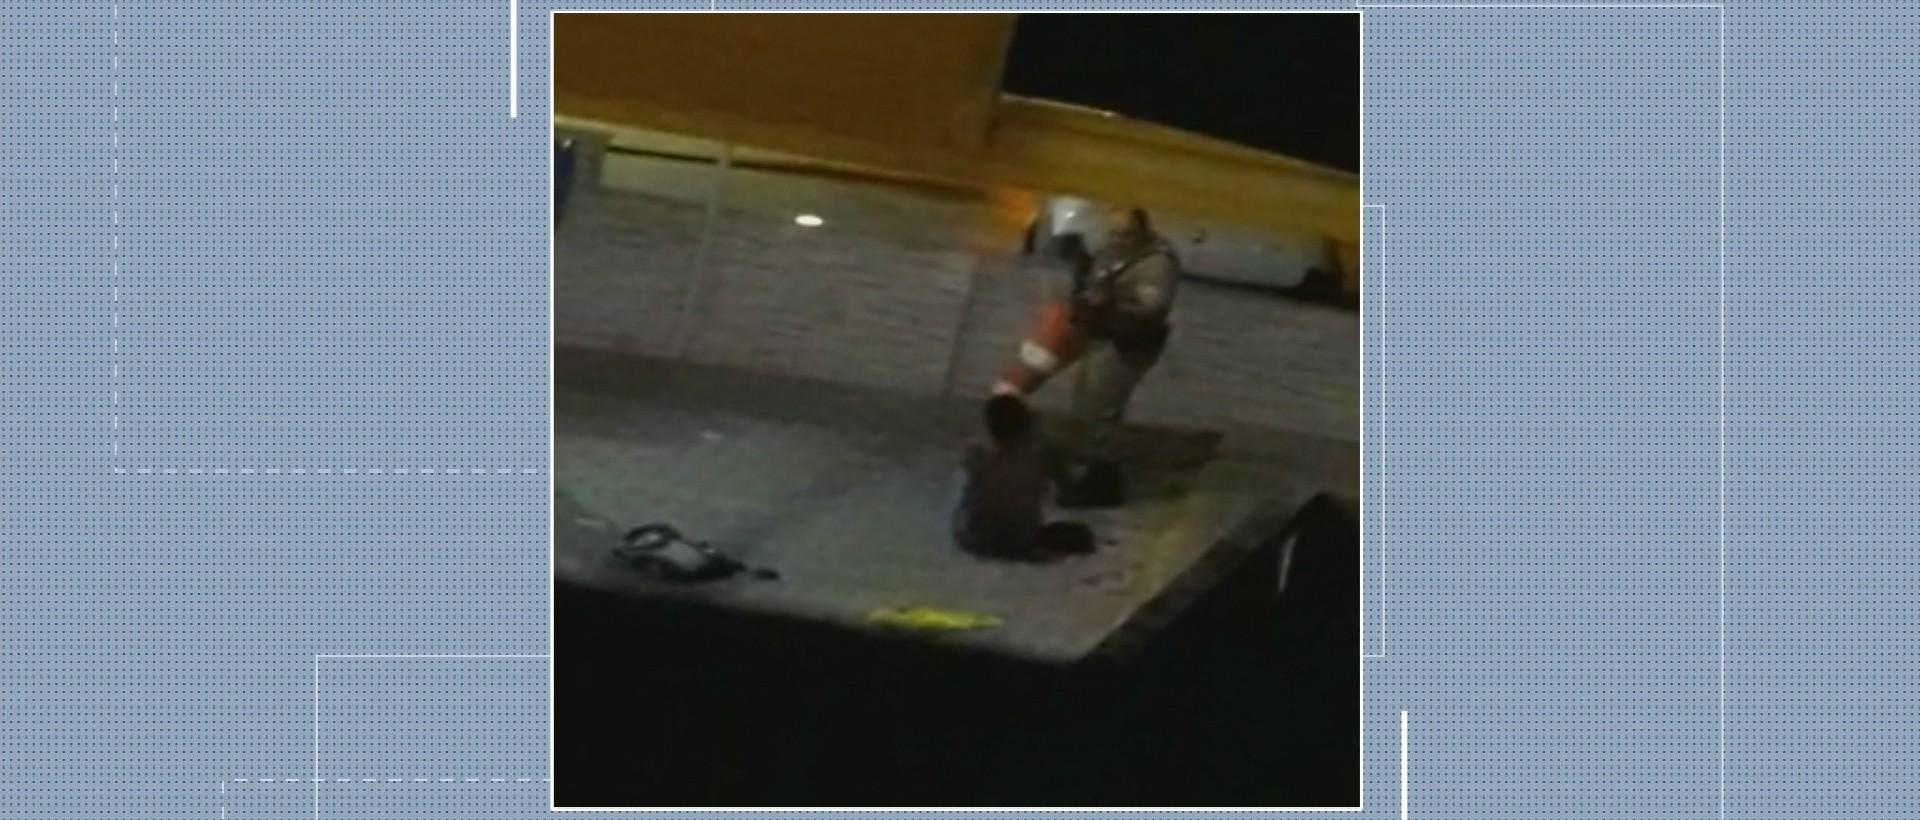 Vídeo mostra agressão de policial contra morador de rua em SC - Radio Evangelho Gospel